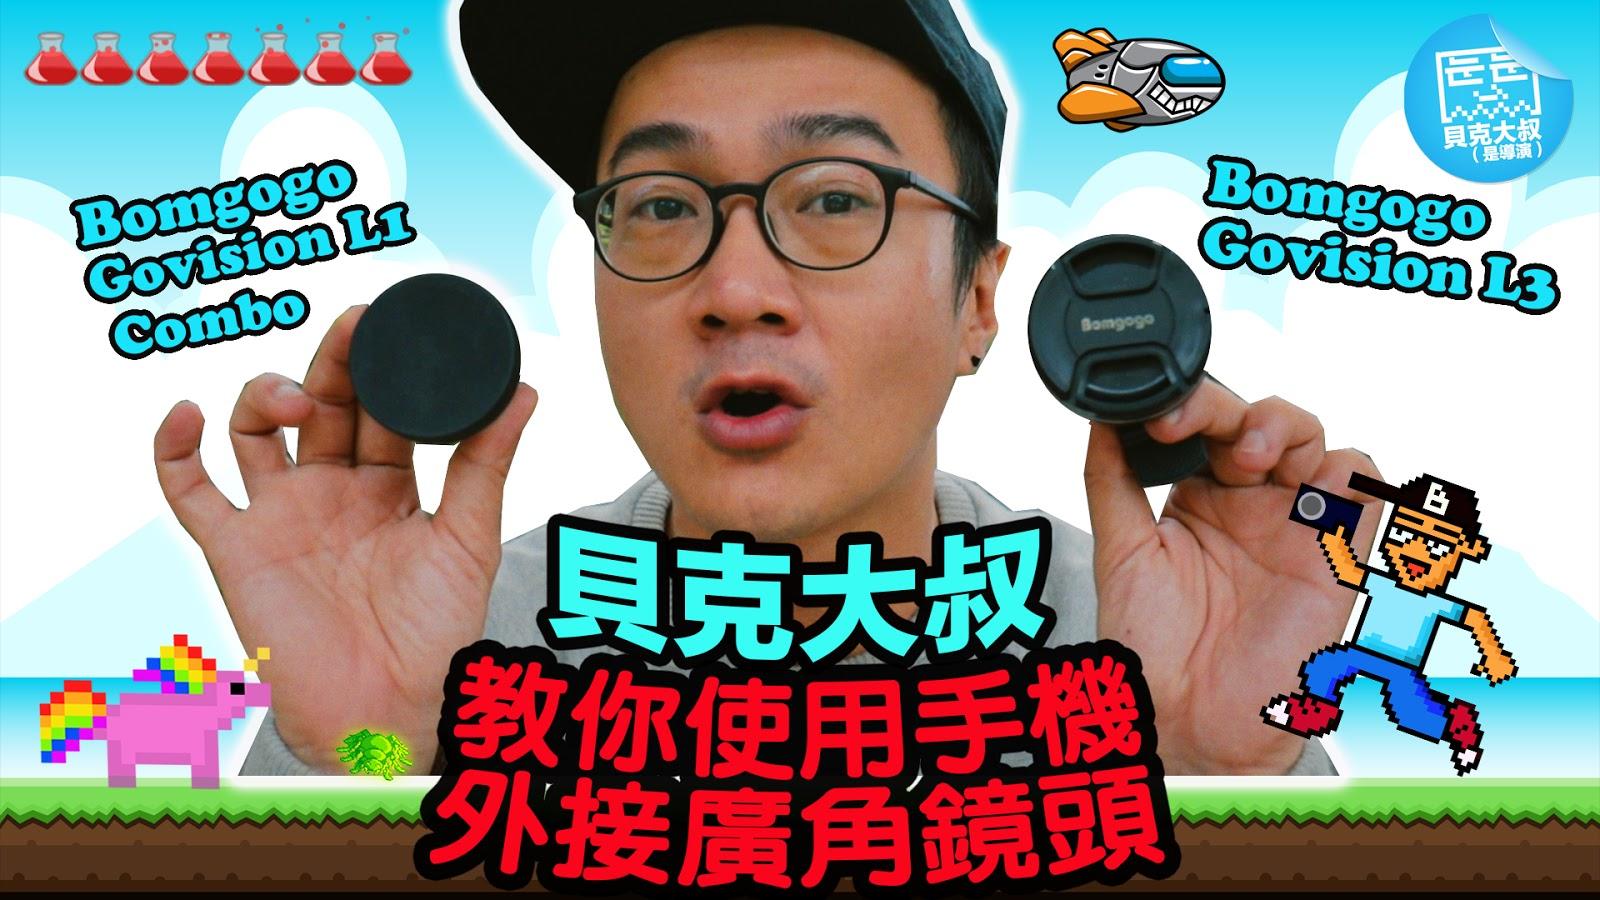 手機攝影開箱:Bomgogo Govision L3與L1 Combo手機廣角鏡頭